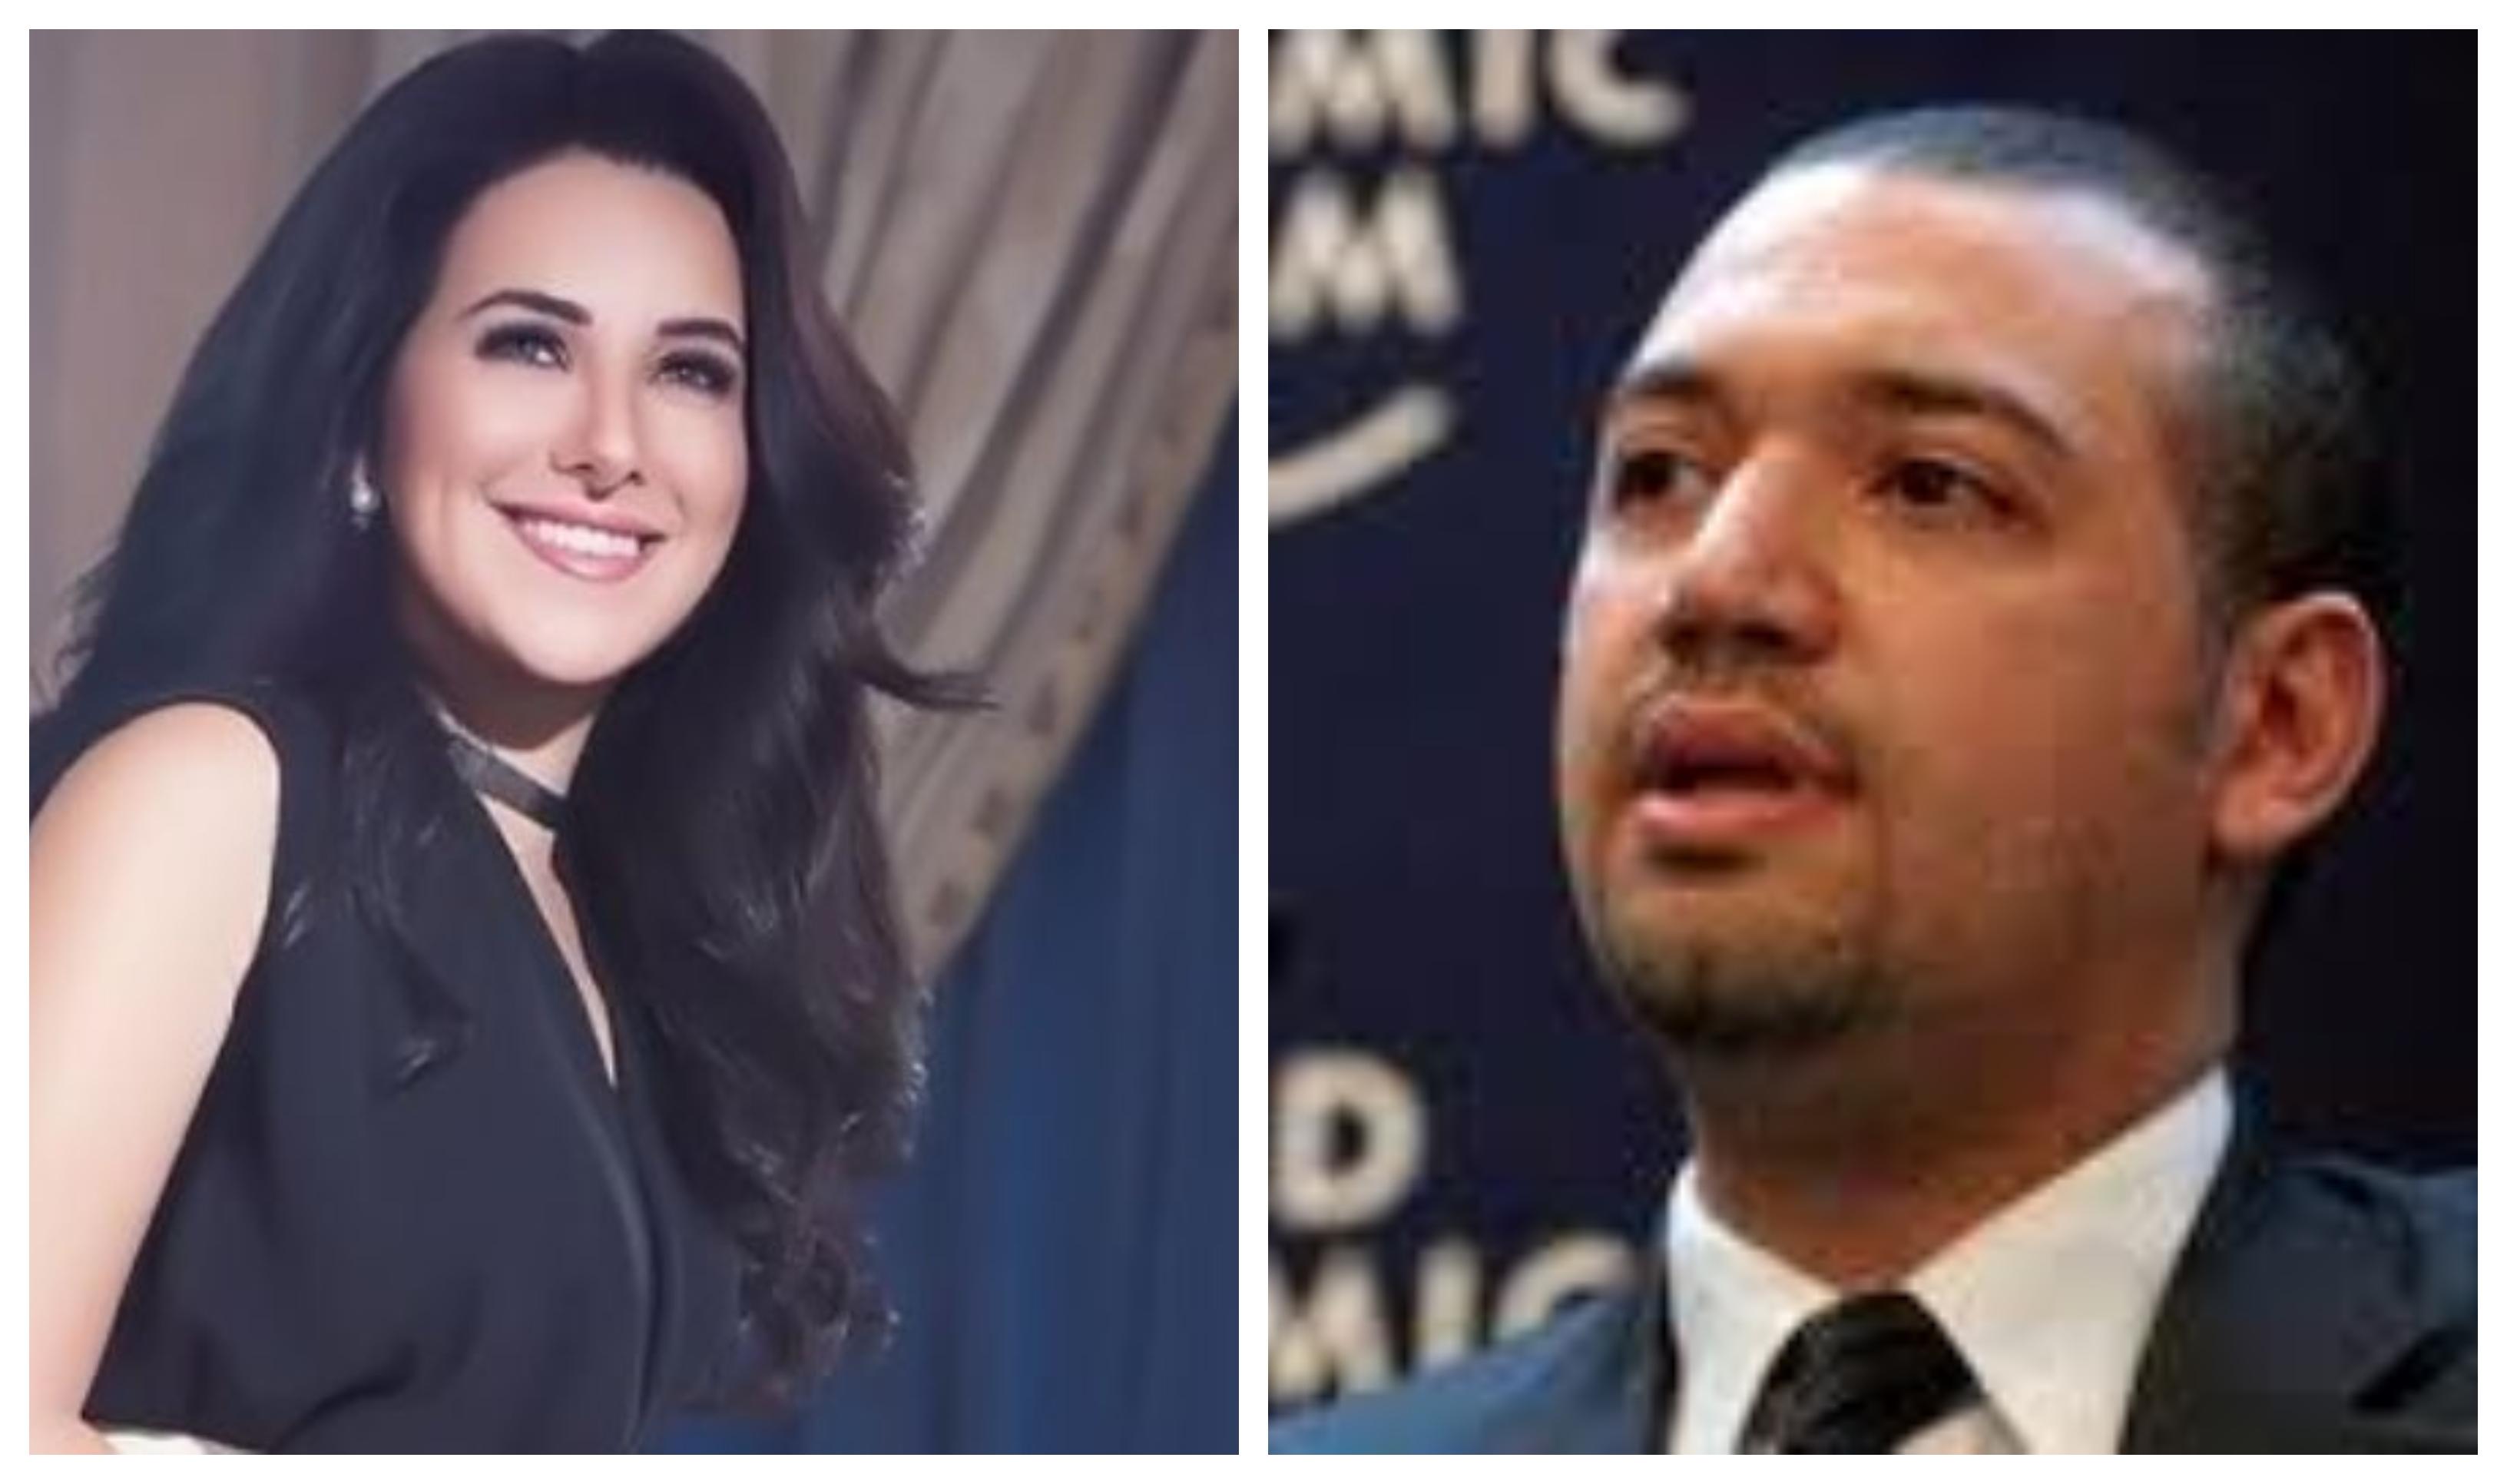 معز مسعود وشيري عادل زواج أغضب السوشيال ميديا زحمة